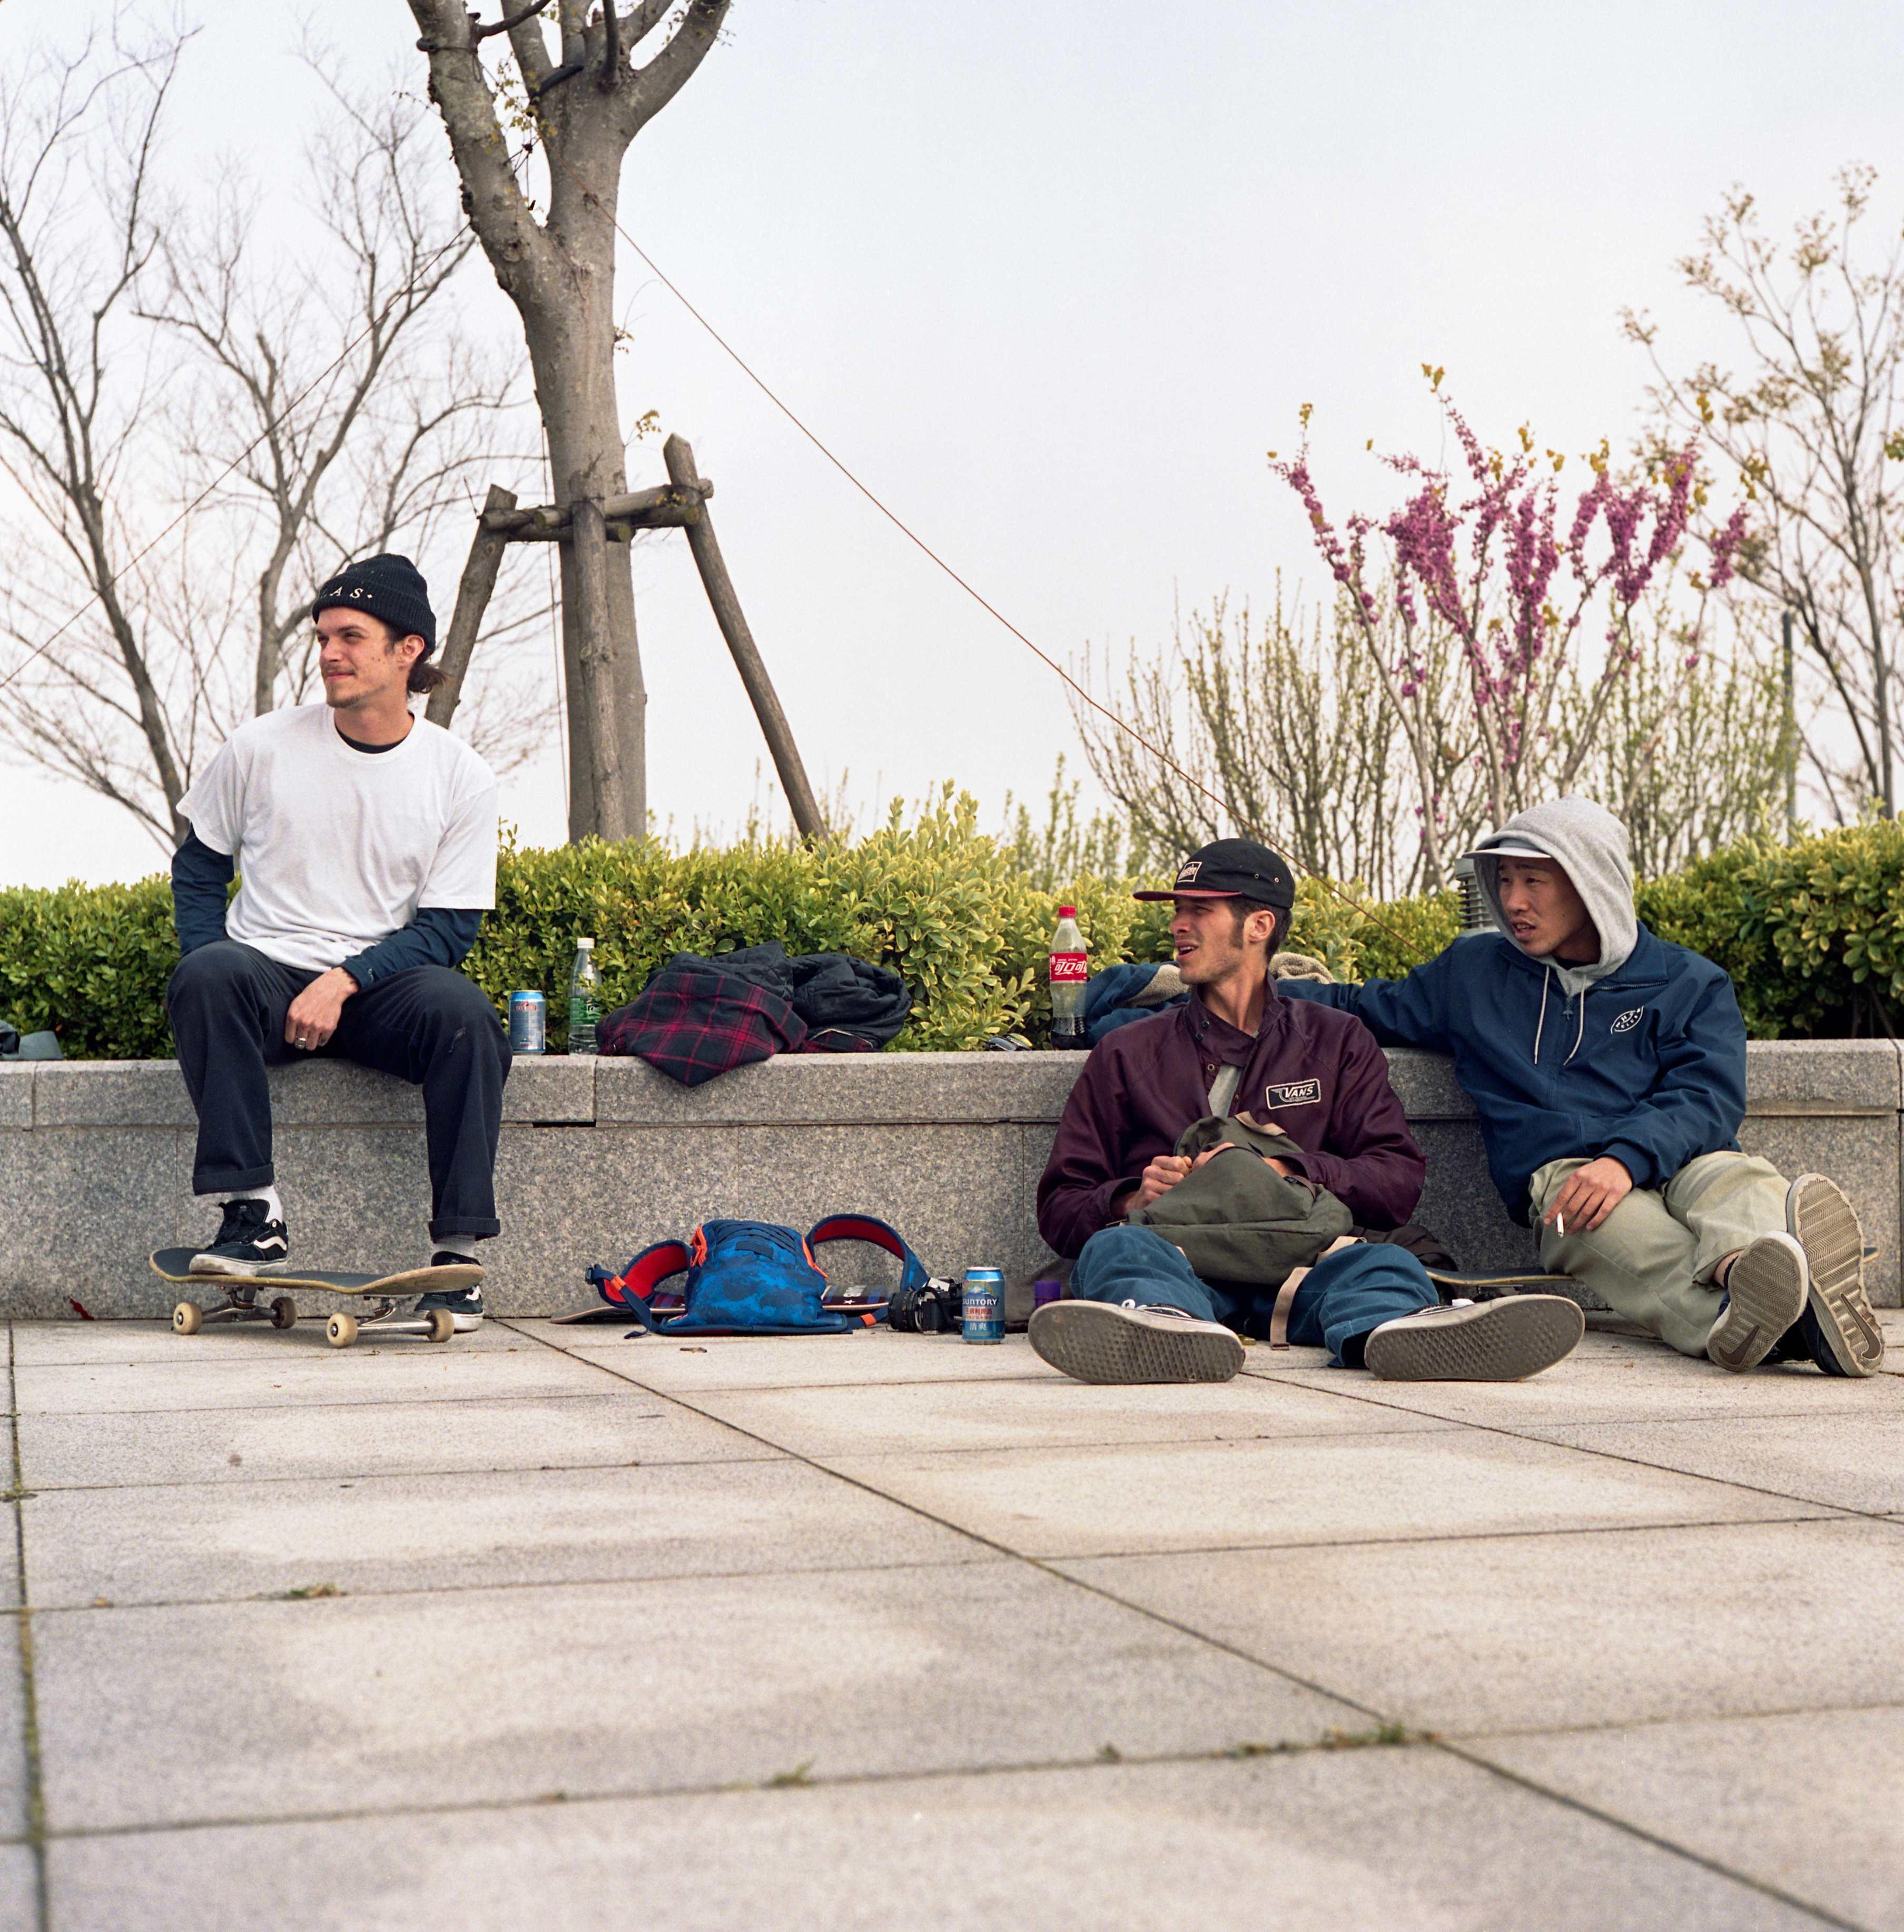 Skate Shanghai